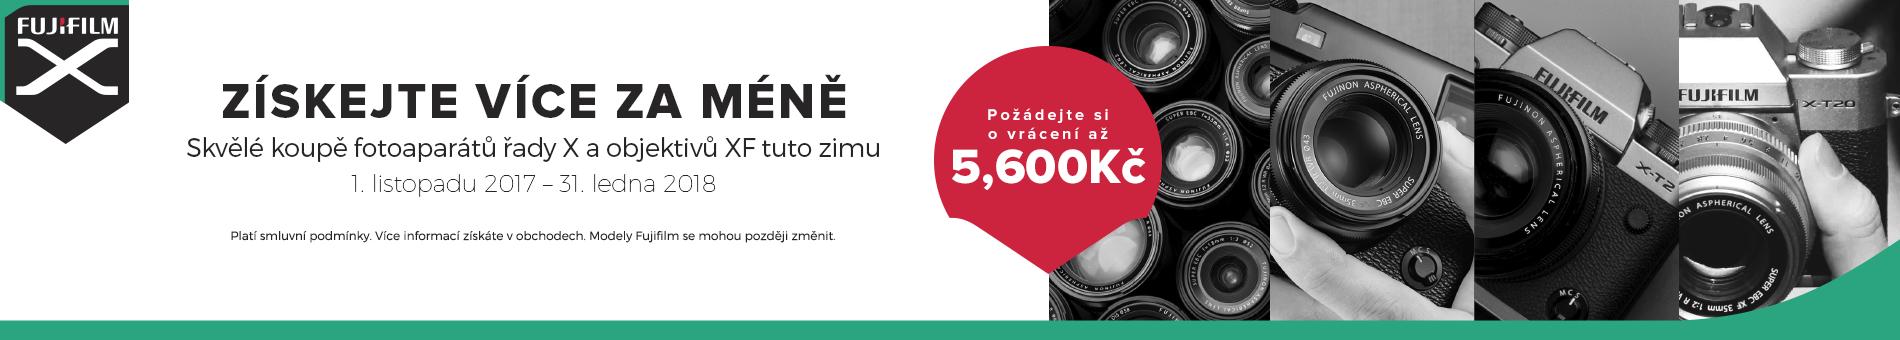 Akce cashback + slevy až 50.000kč na GFX